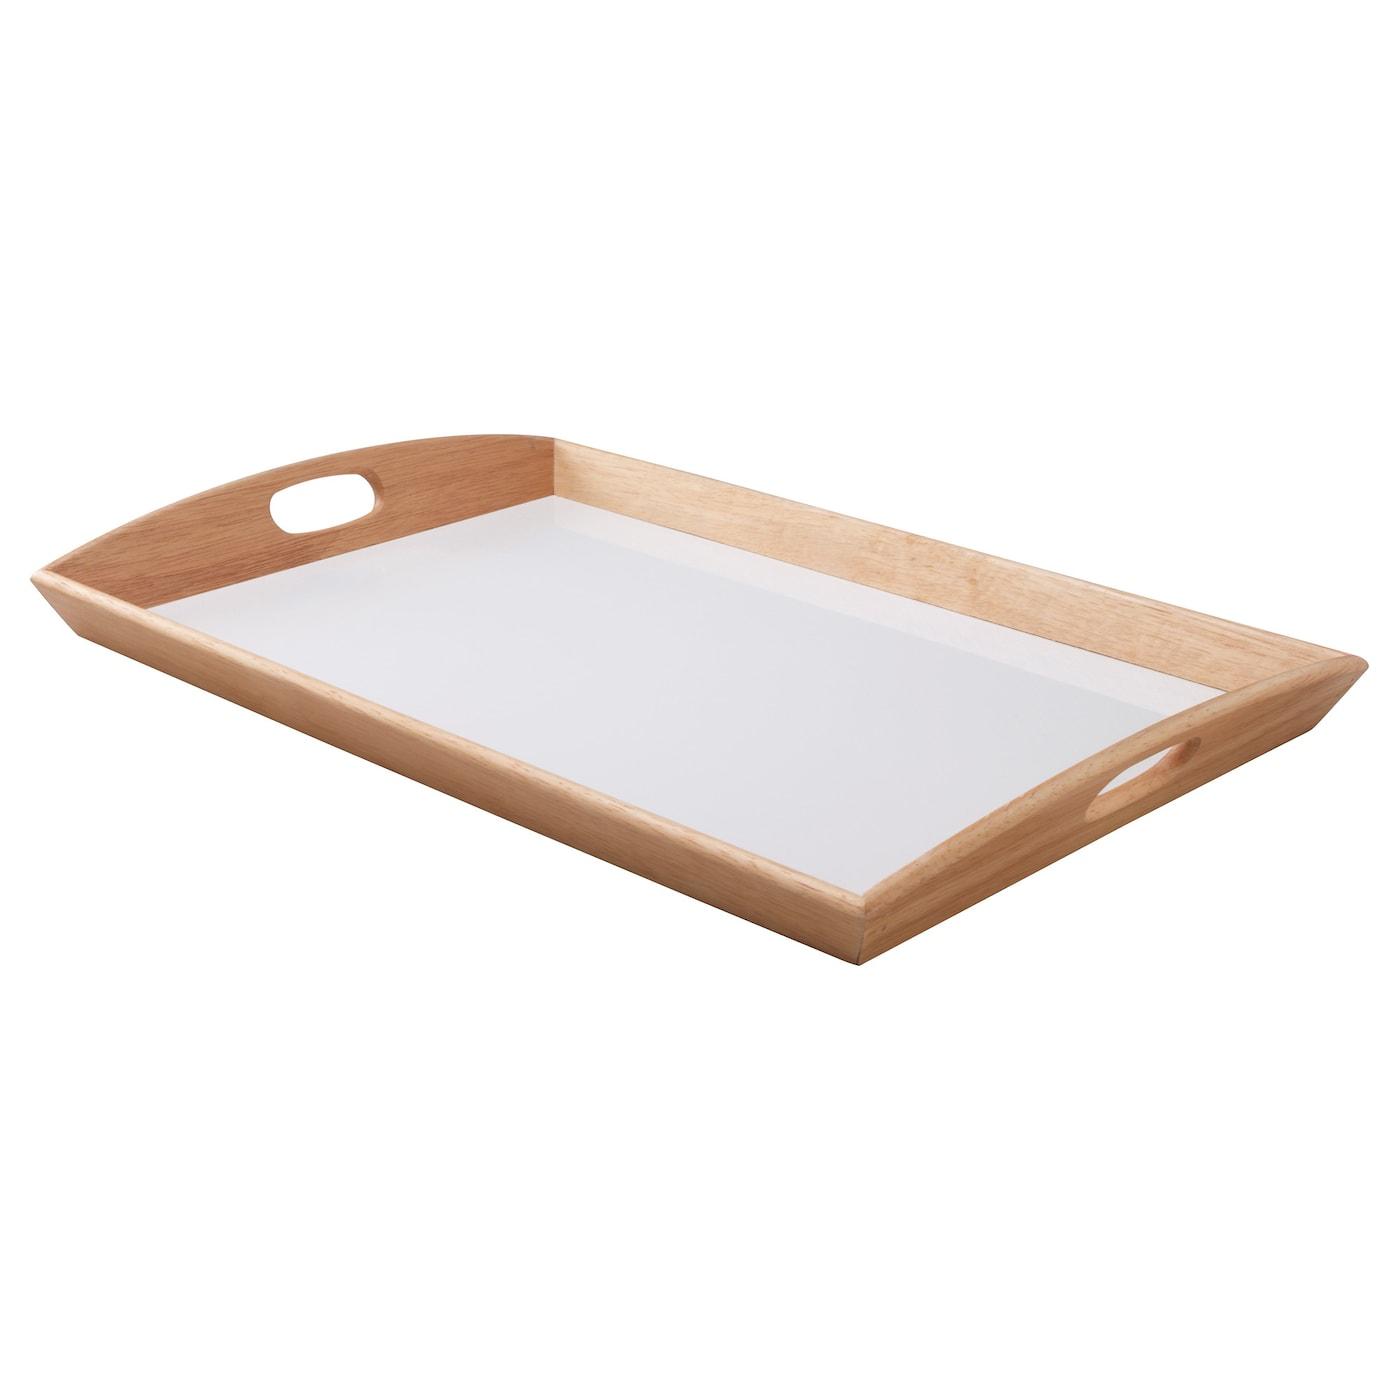 Ikea Klack Tray